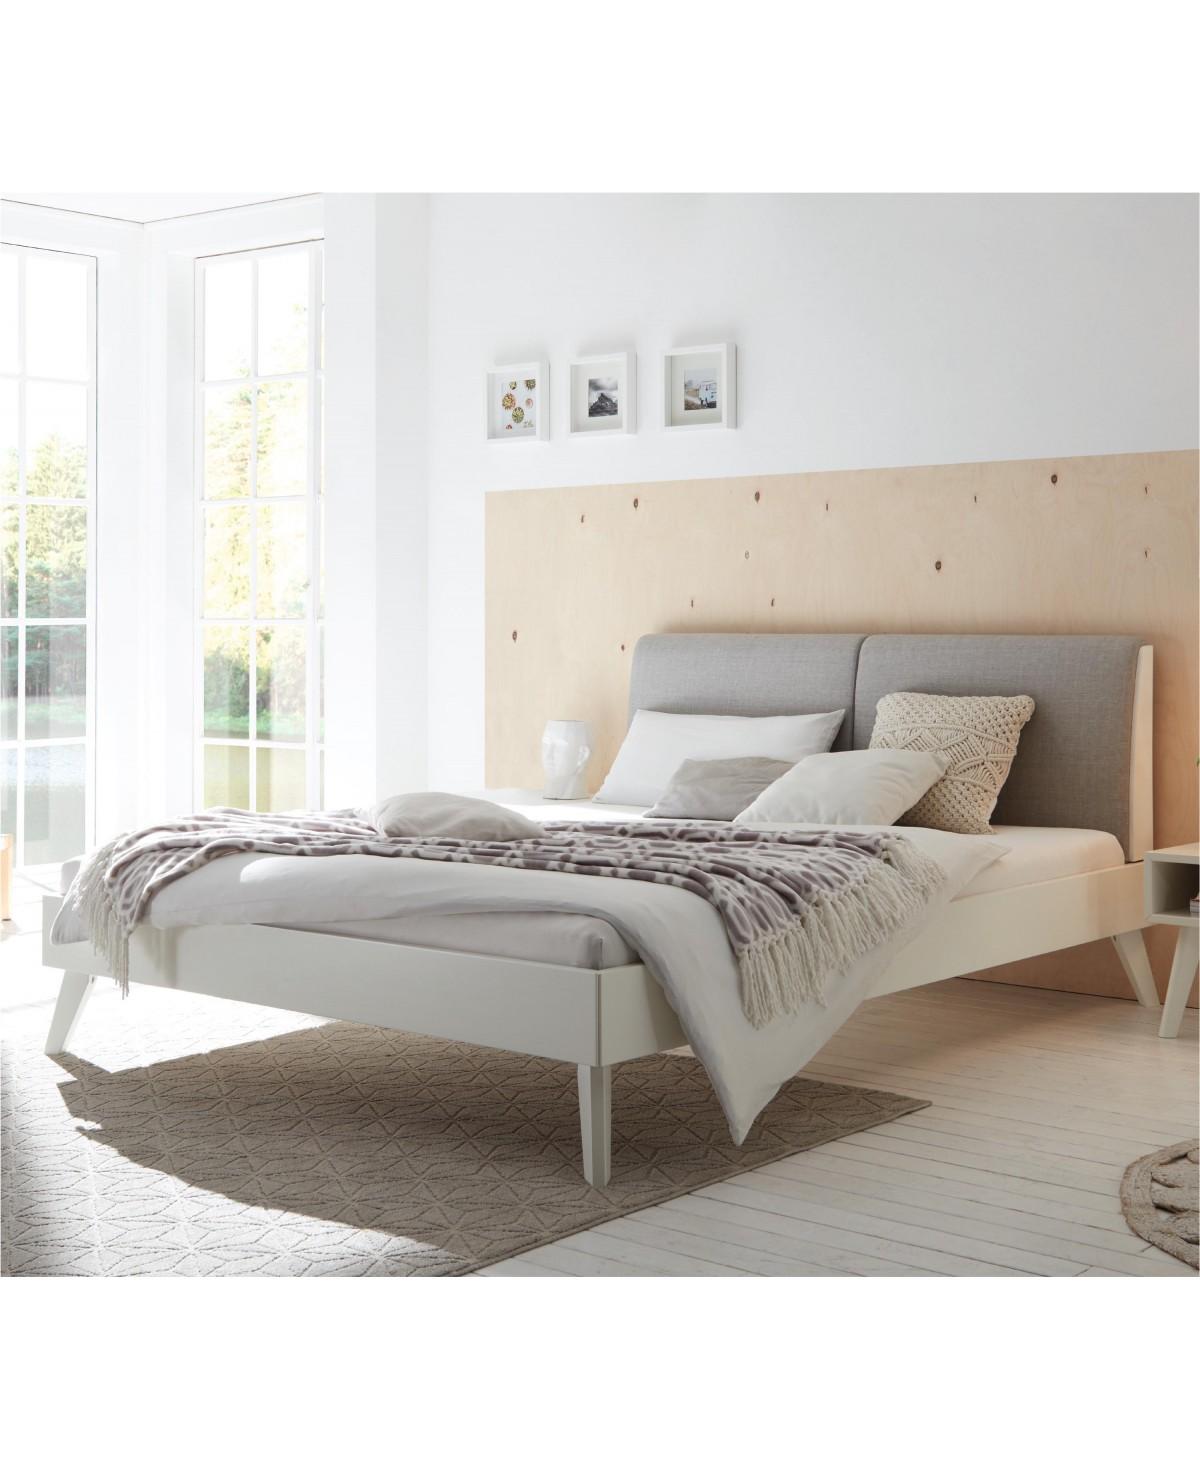 Full Size of Betten Ikea 160x200 Günstig Kaufen Holz Poco 140x200 Bonprix Köln Weiße Test Rauch Günstige Somnus Musterring Amerikanische Dänisches Bettenlager Bett Weiße Betten